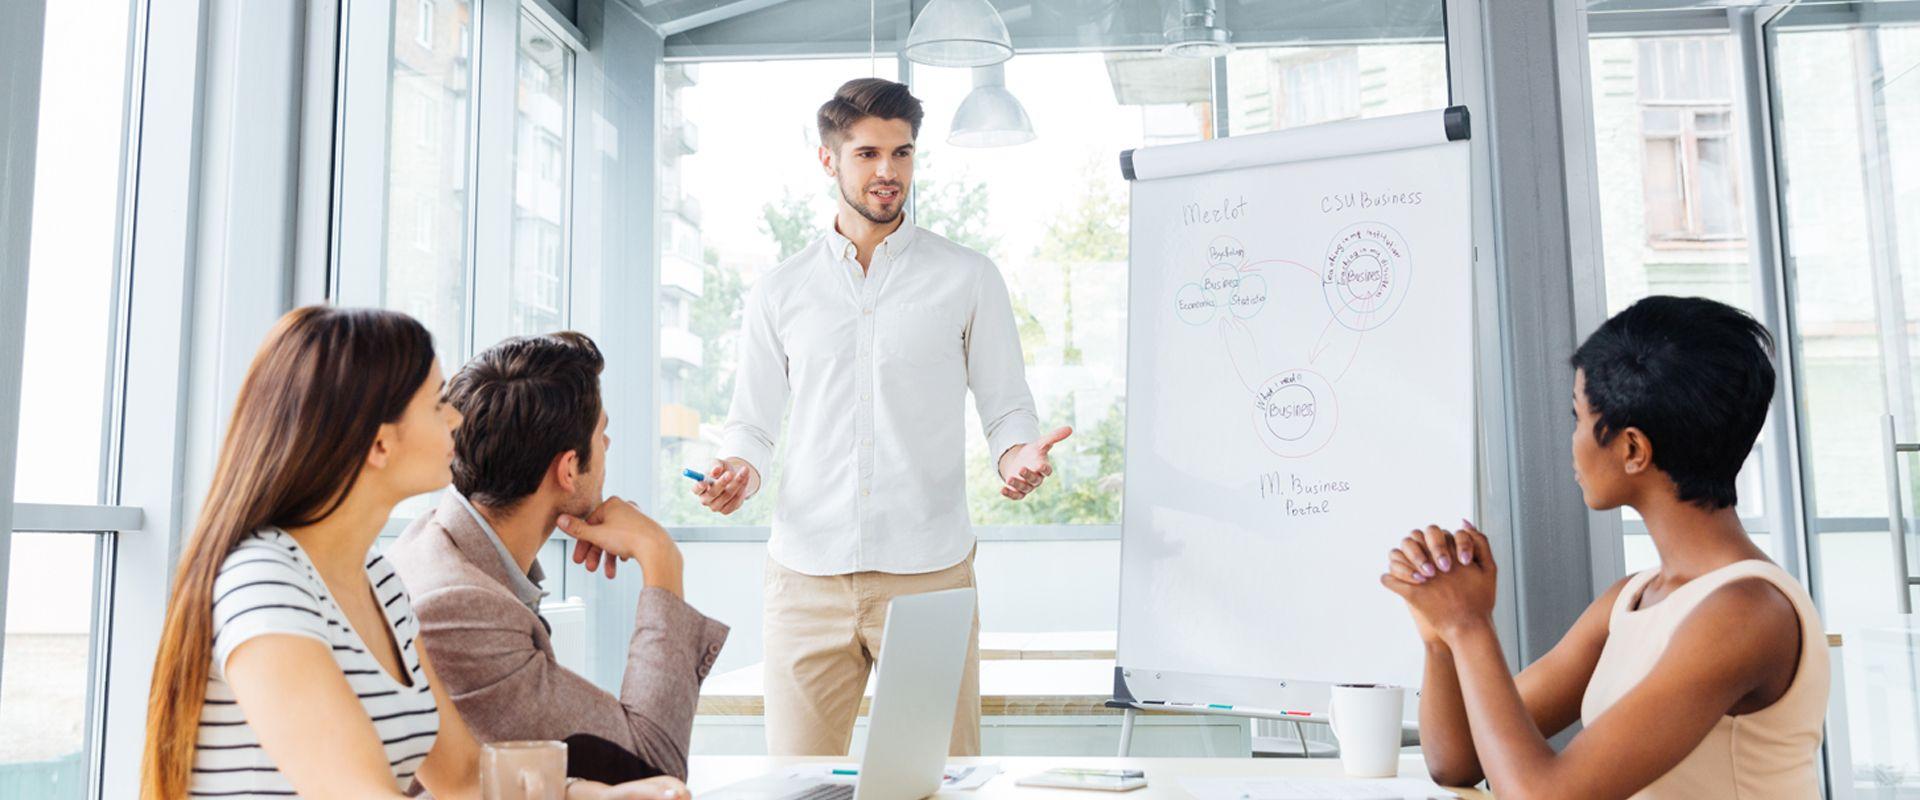 <h1>Découvrez comment développer et animer des ateliers de formation percutants en salle ou en classe virtuelle.</h1><span></span>